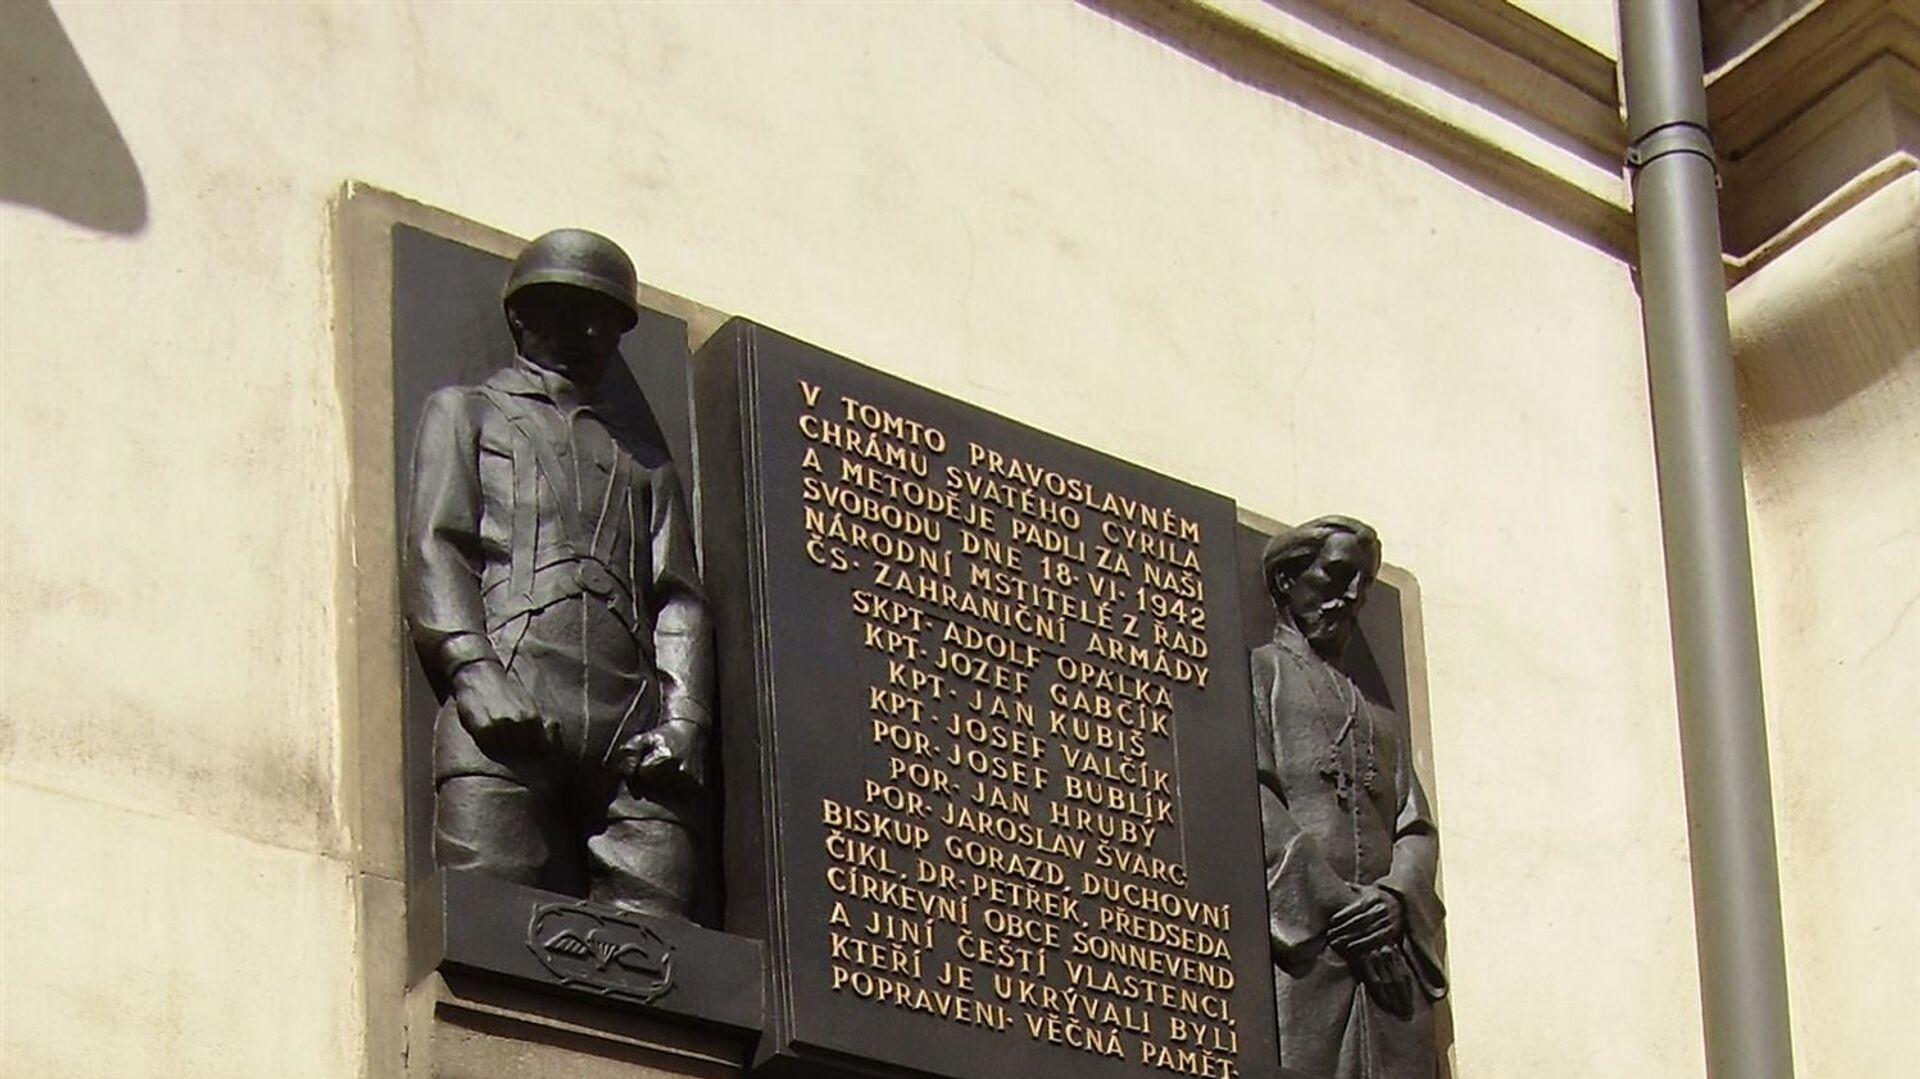 Мемориал у изрешечённого пулями окна крипты собора Кирилла и Мефодия в Праге - Sputnik Česká republika, 1920, 25.08.2021